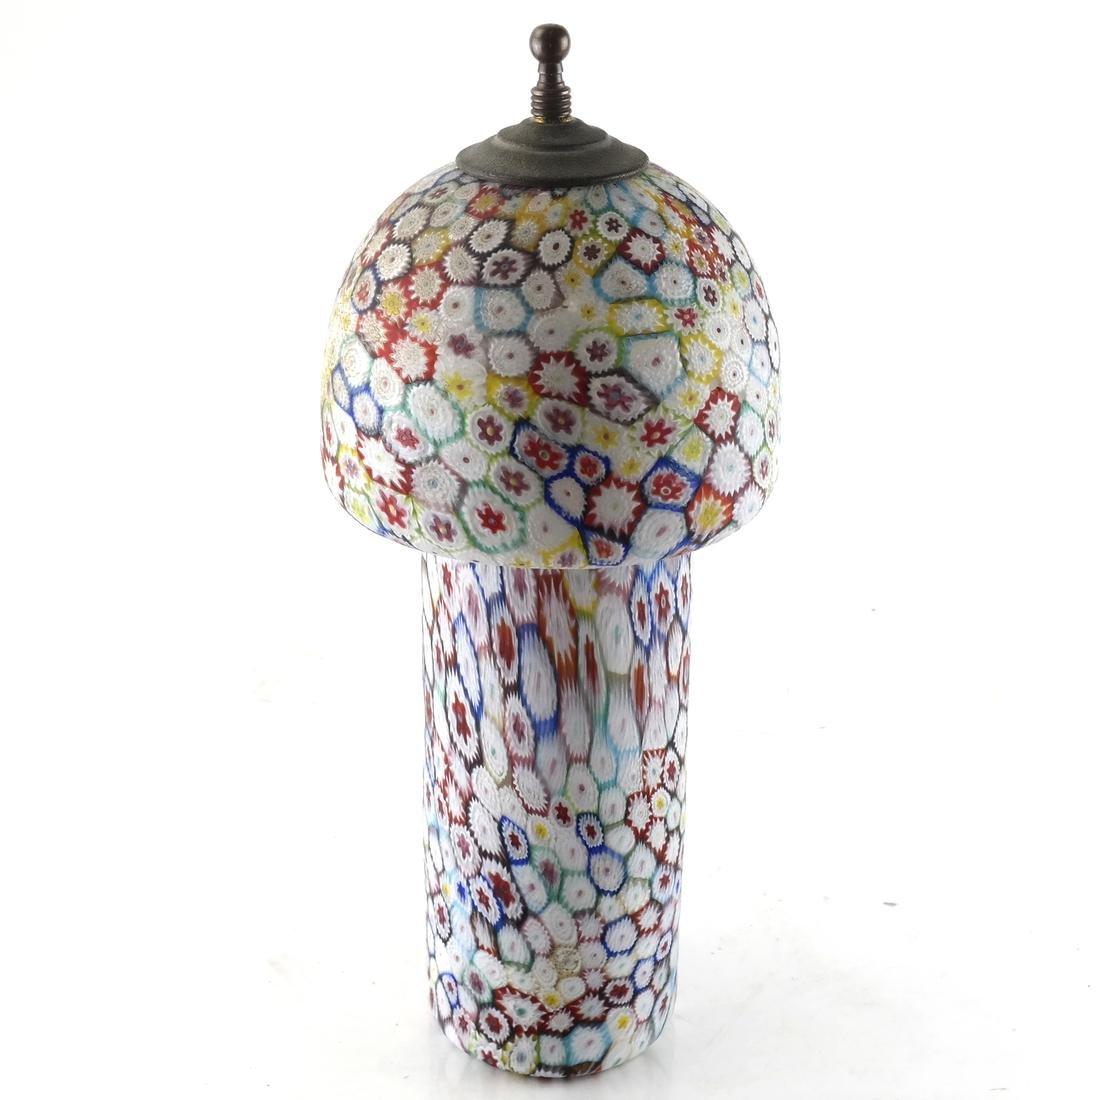 Millefiori-Design Murano-Style Shade and Vessel